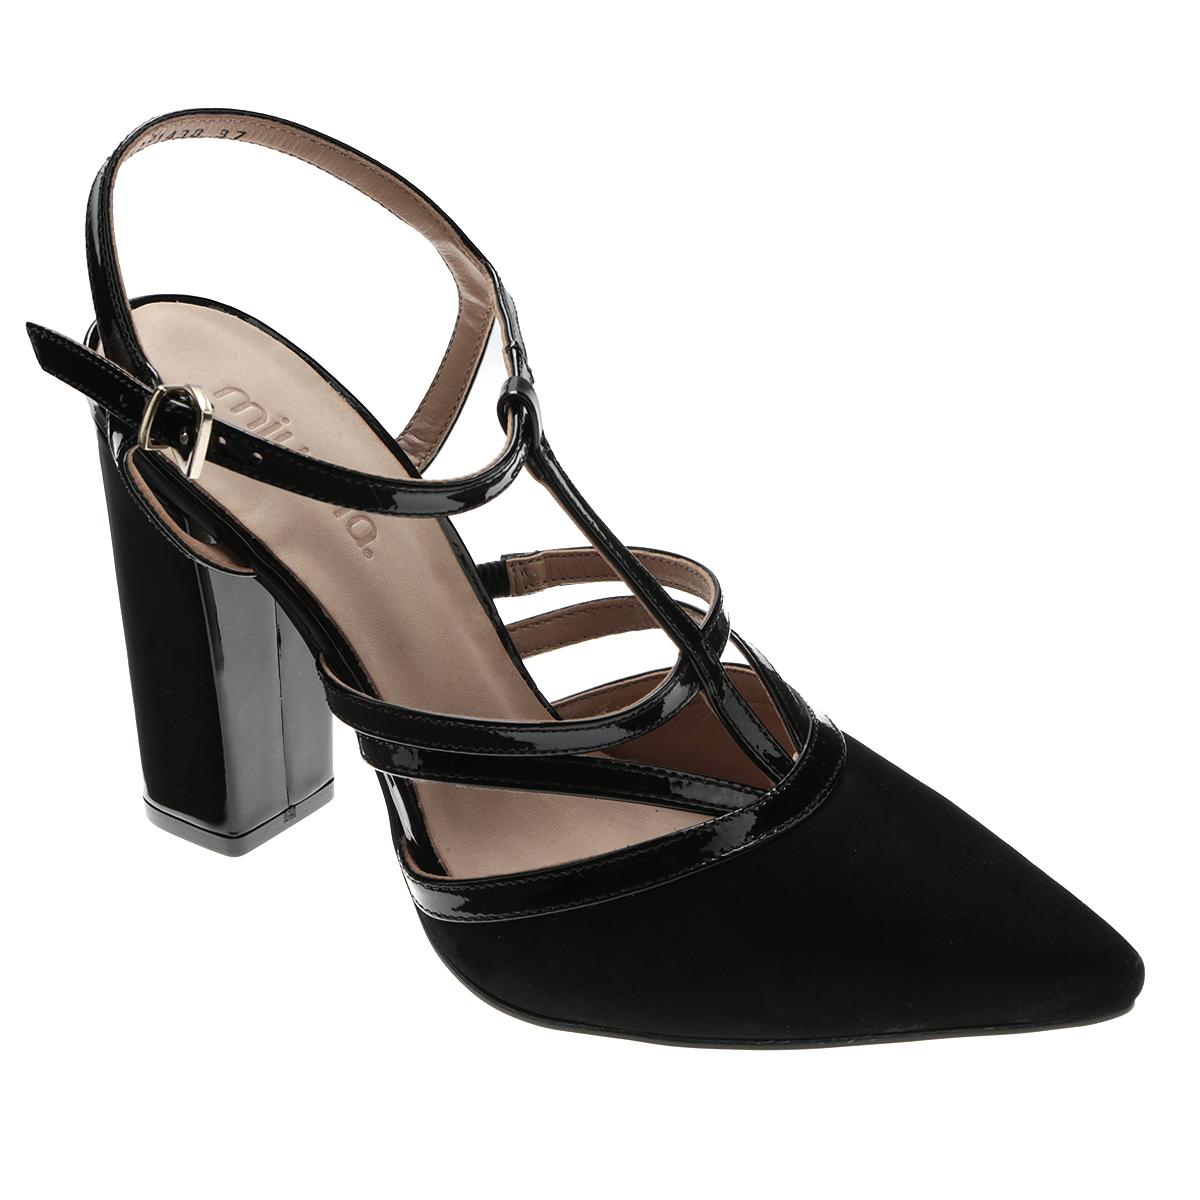 142-1438Элегантные туфли от Miucha внесут изысканные нотки в ваш модный образ. Модель выполнена из натуральной лакированной кожи и оформлена вставкой из натурального нубука на носке, пересекающимися ремешками на подъеме. Заостренный вытянутый носок смотрится невероятно женственно. Ремешок с металлической пряжкой отвечает за надежную фиксацию модели на ноге. Длина ремешка регулируется за счет болта. Мягкая стелька из натуральной кожи гарантирует комфорт при ходьбе. Высокий каблук и подошва с рифлением обеспечивают идеальное сцепление с любыми поверхностями. Роскошные туфли подчеркнут ваш отменный вкус!